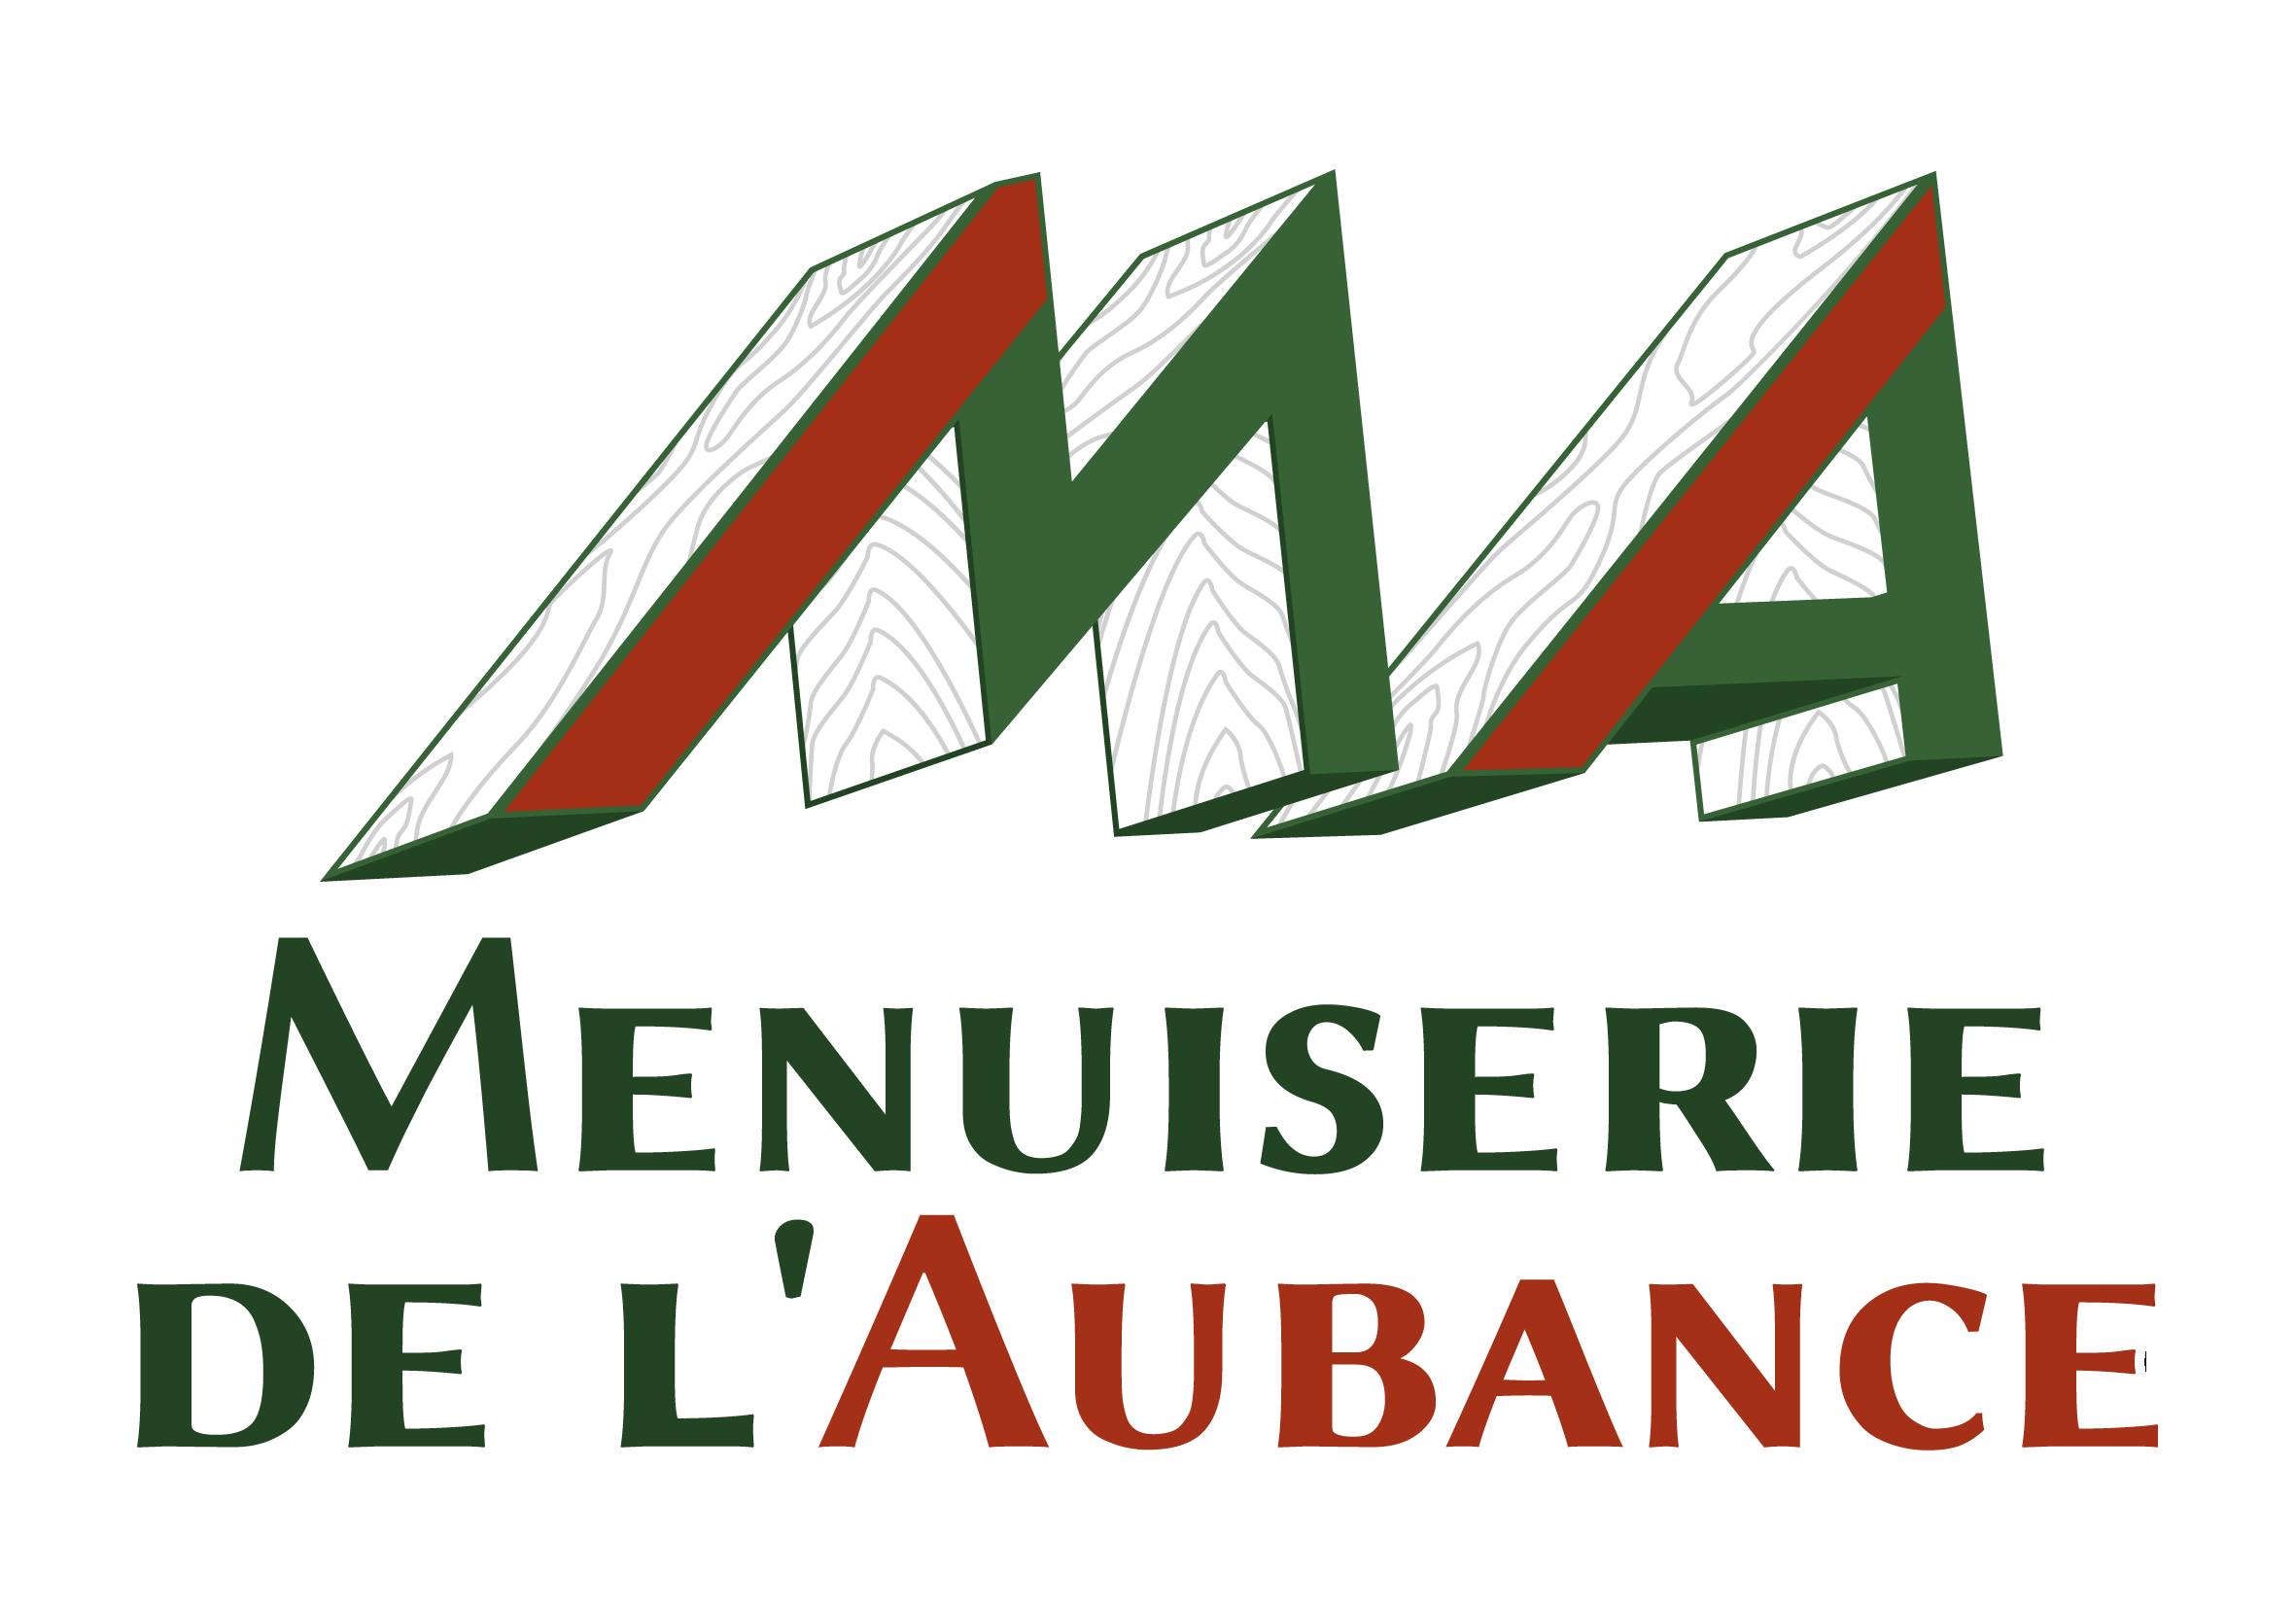 logo. MA -RVB-PNT